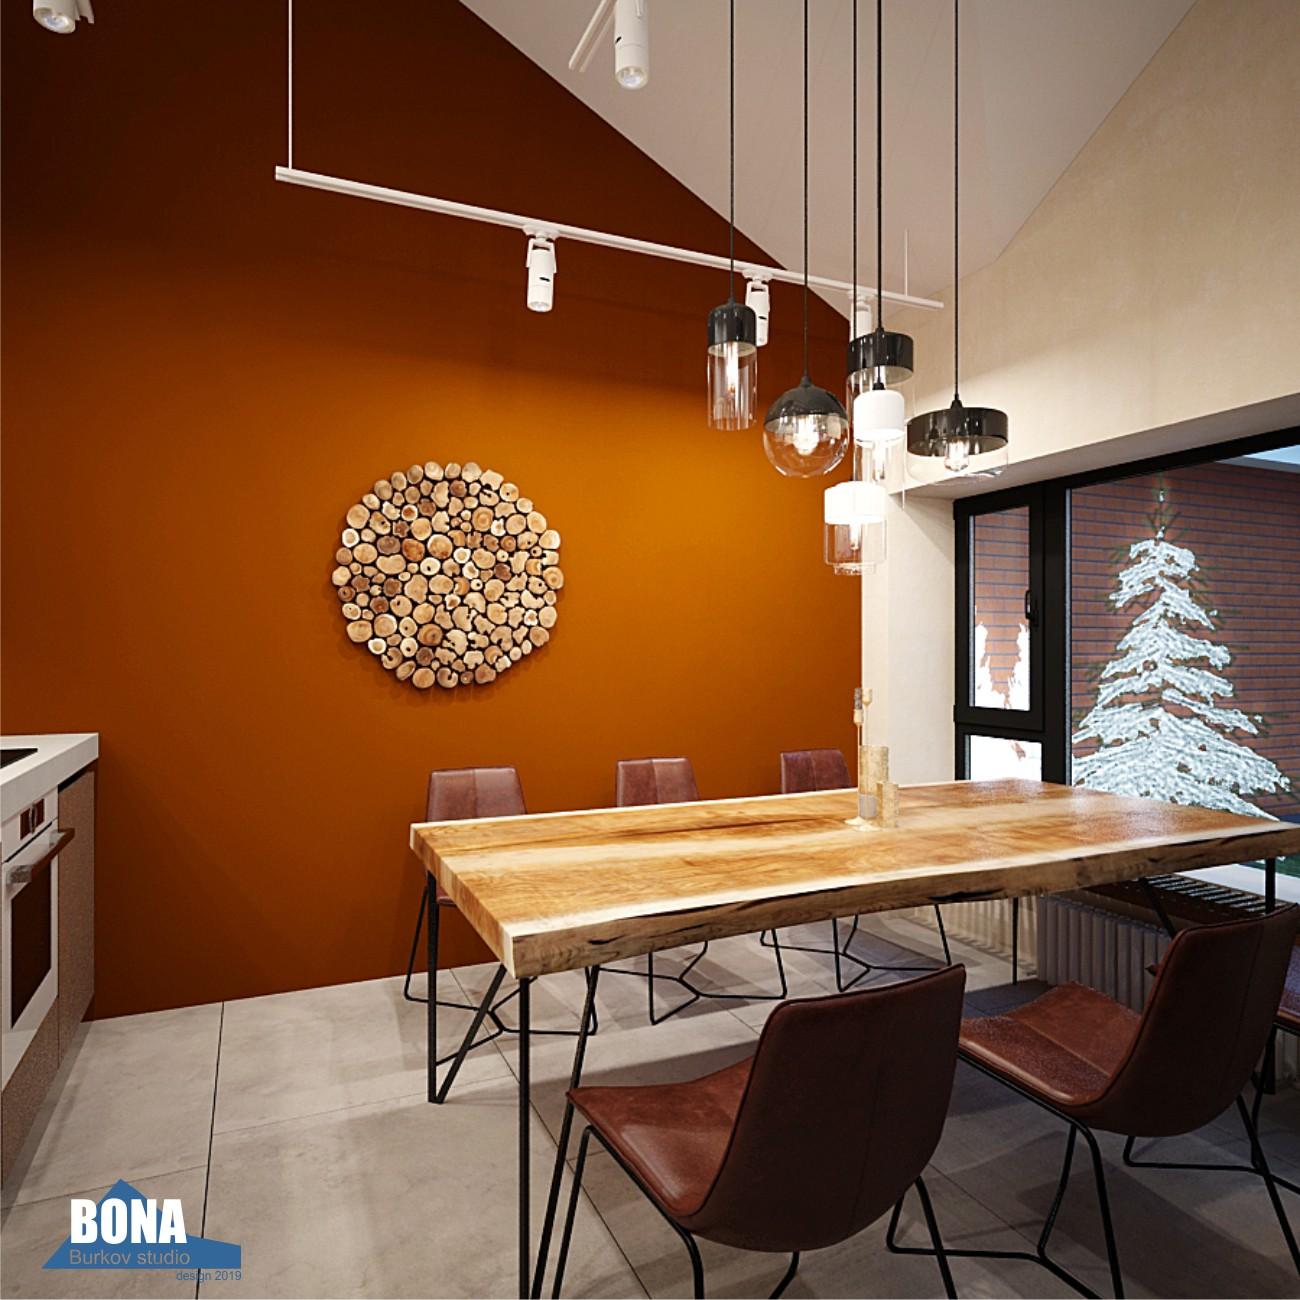 кухня-столовая со столом из слэба